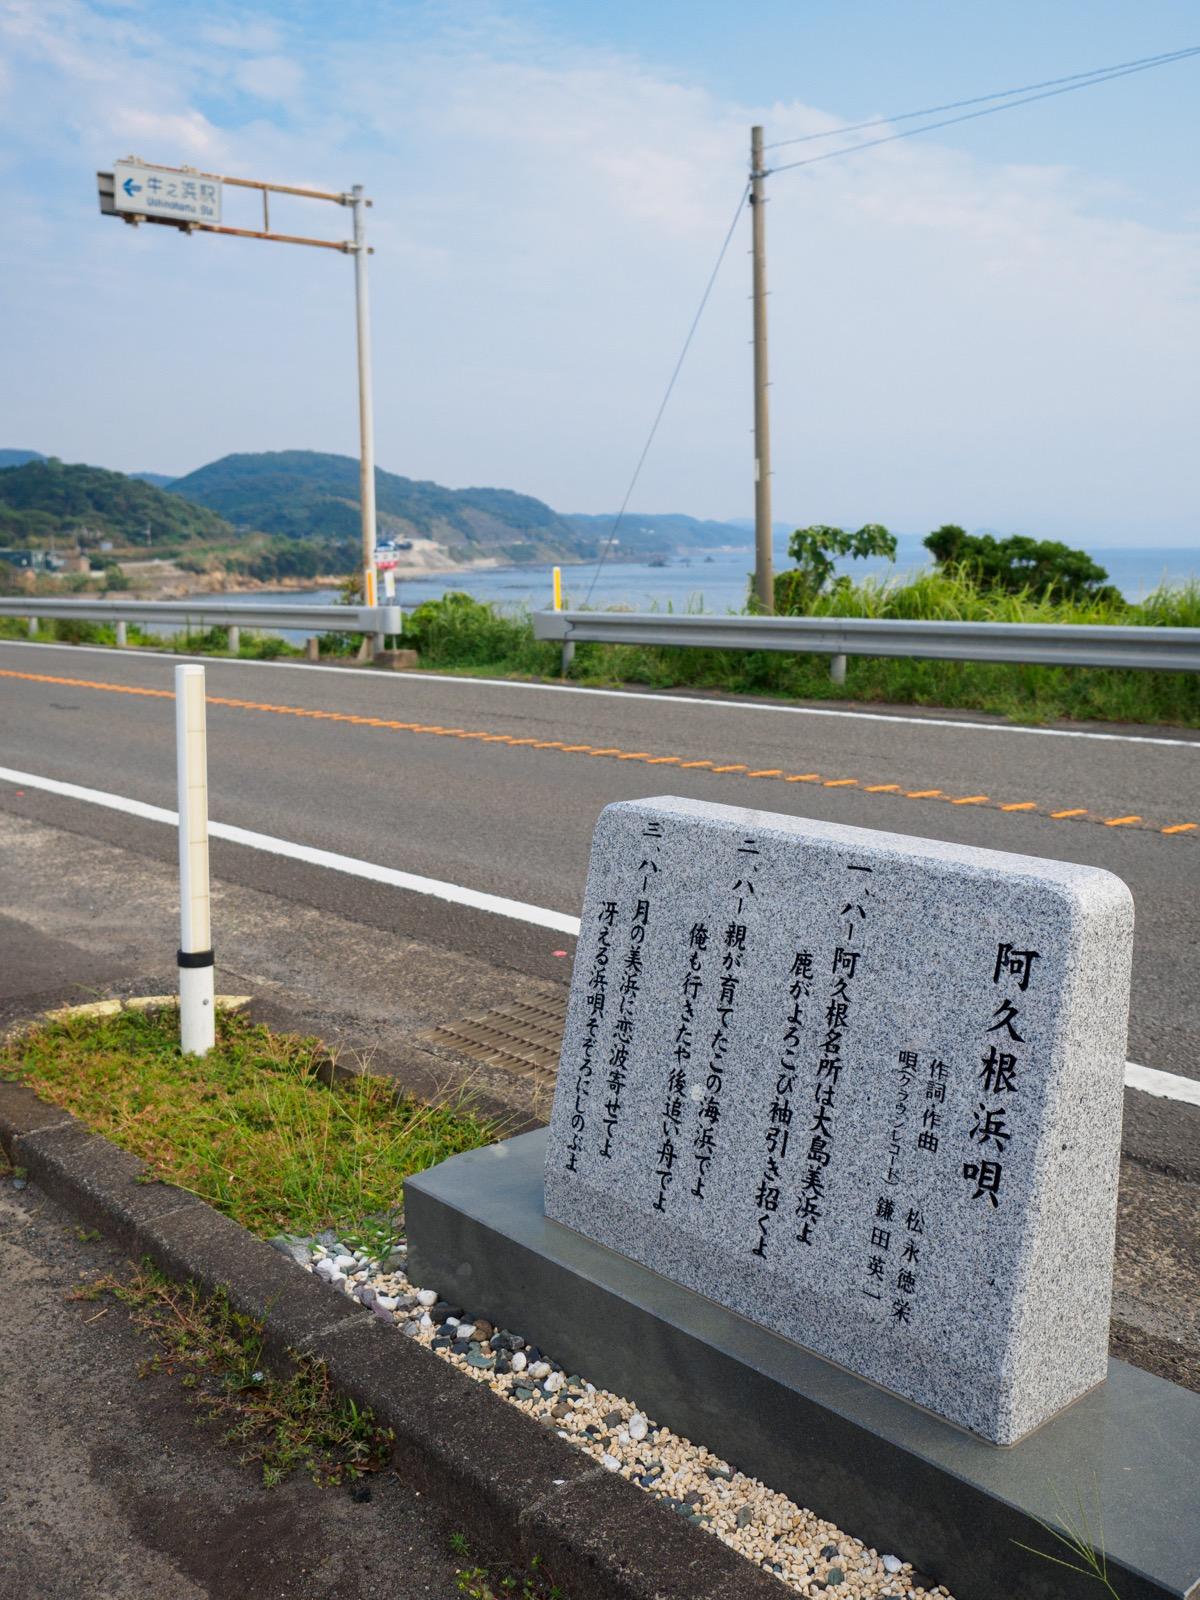 牛ノ浜駅前にある「阿久根浜唄」の歌碑